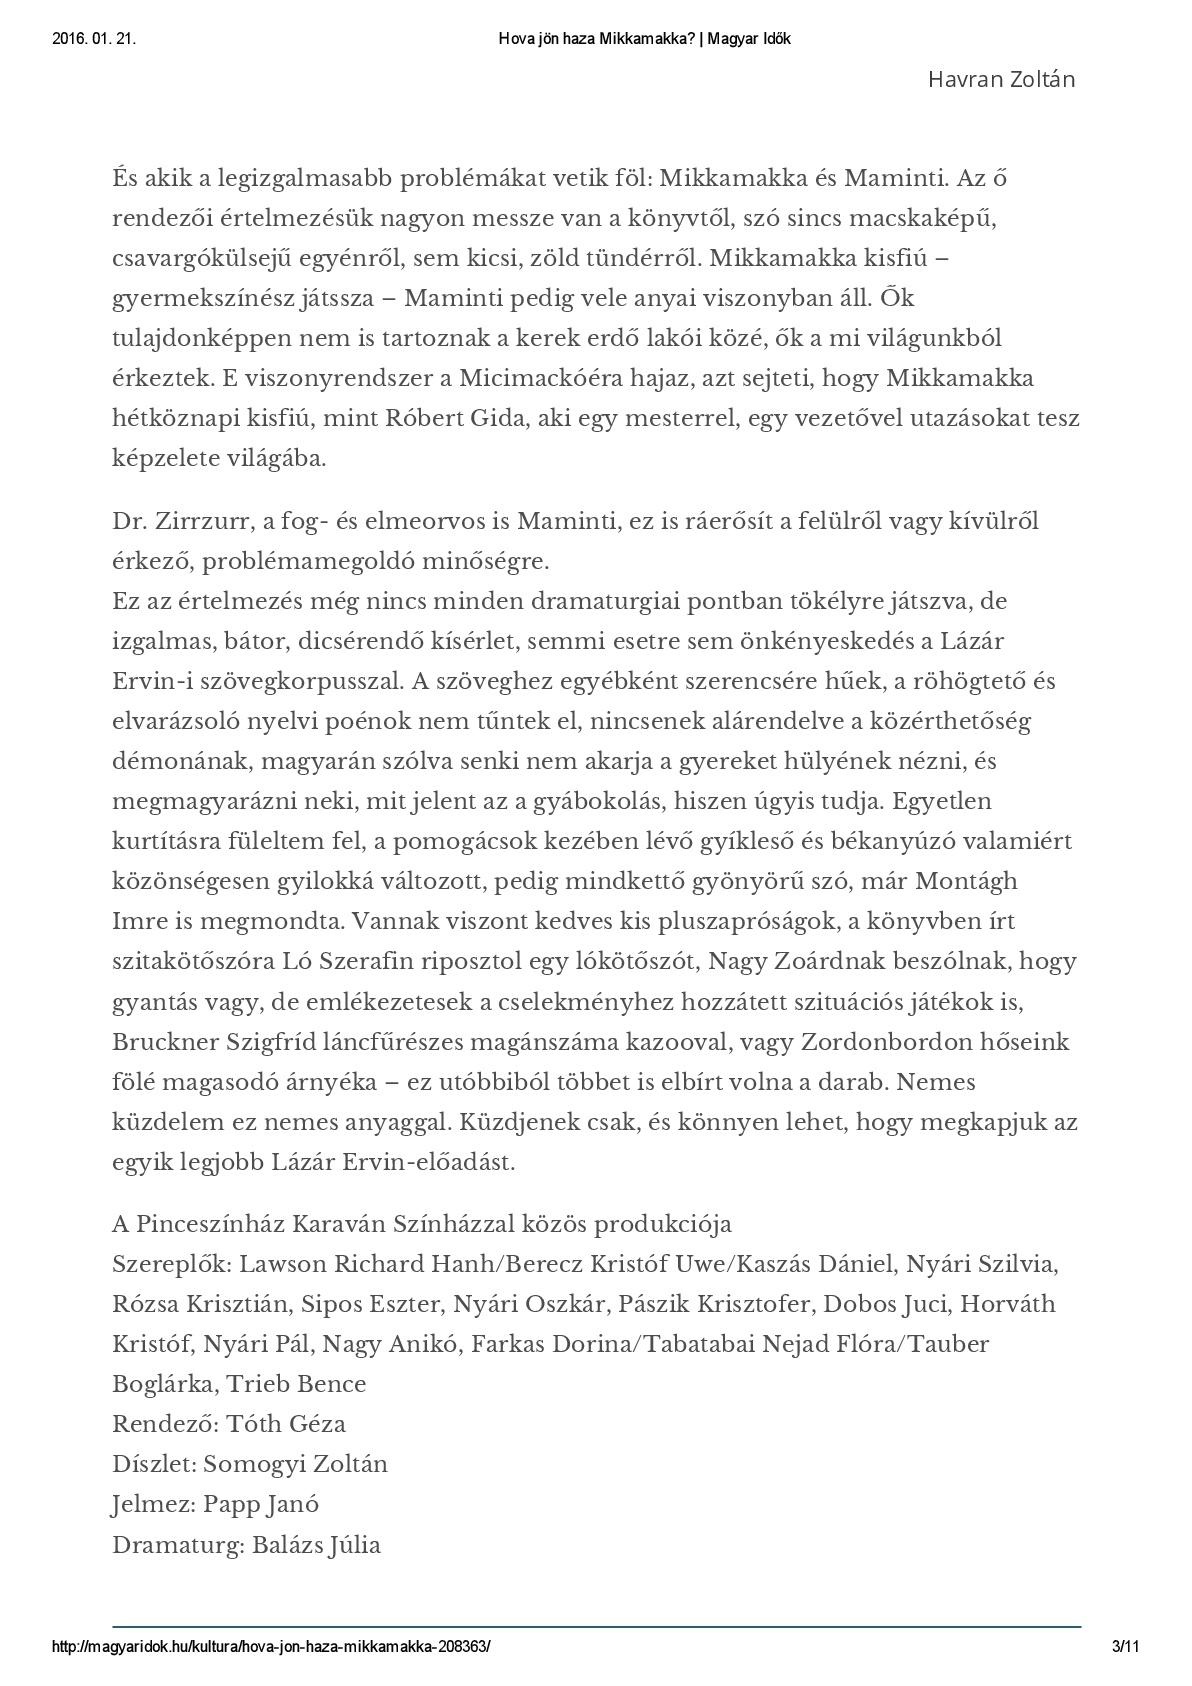 Hova-jon-haza-Mikkamakka_-_-Magyar-Idok-1-3-003